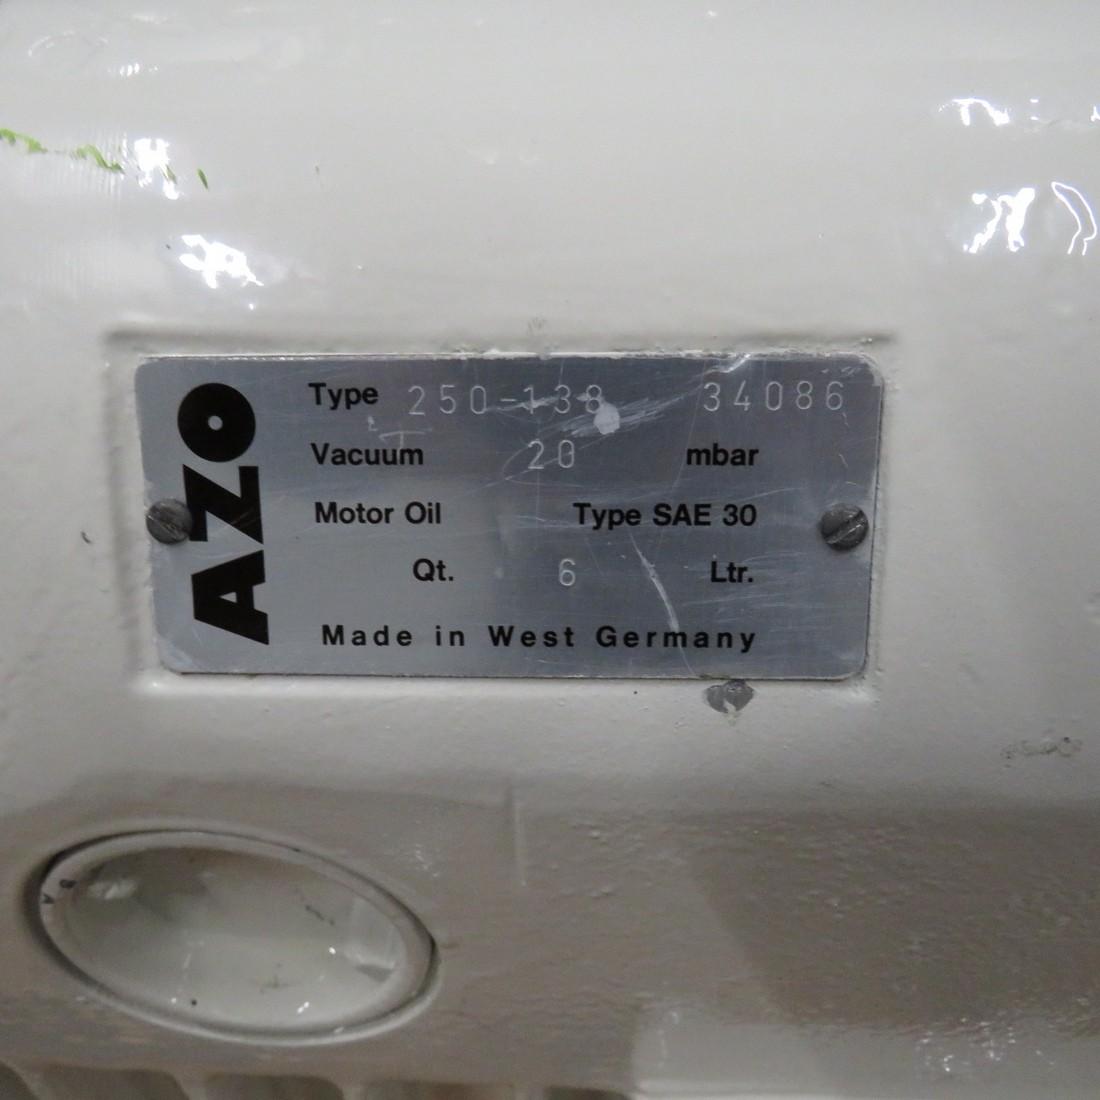 R10J801 AZO vacuum pump 250-138 N° 34086 type